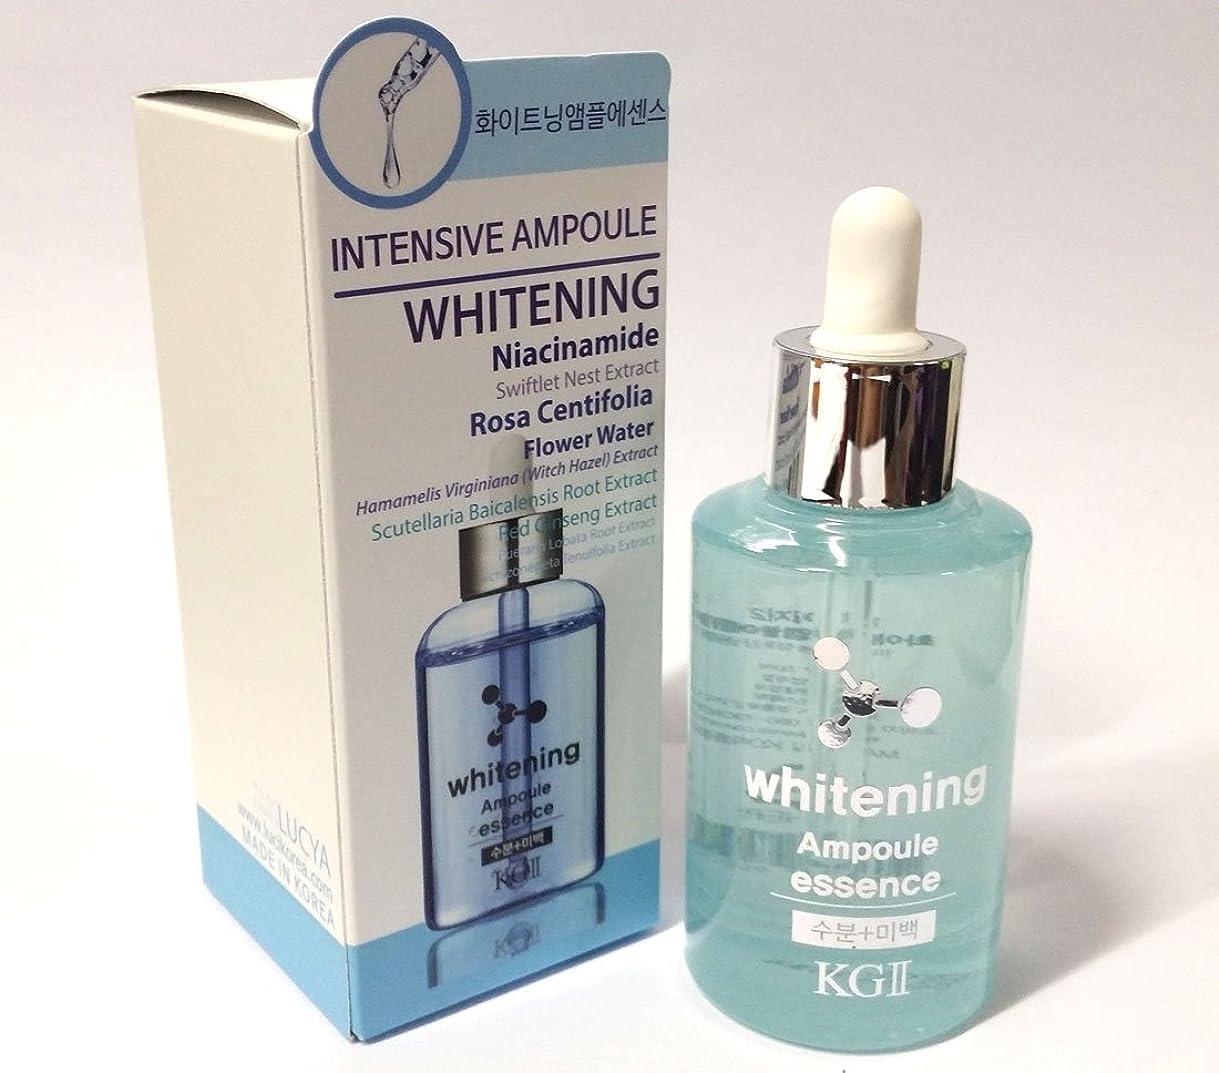 電気堤防したがって[KG2] インテンシブホワイトニングエンプレスエッセンス50ml/Intensive whitening Ampoule Essence 50ml/湿気、美白/韓国化粧品/moisture, whitening/Korean Cosmetics [並行輸入品]